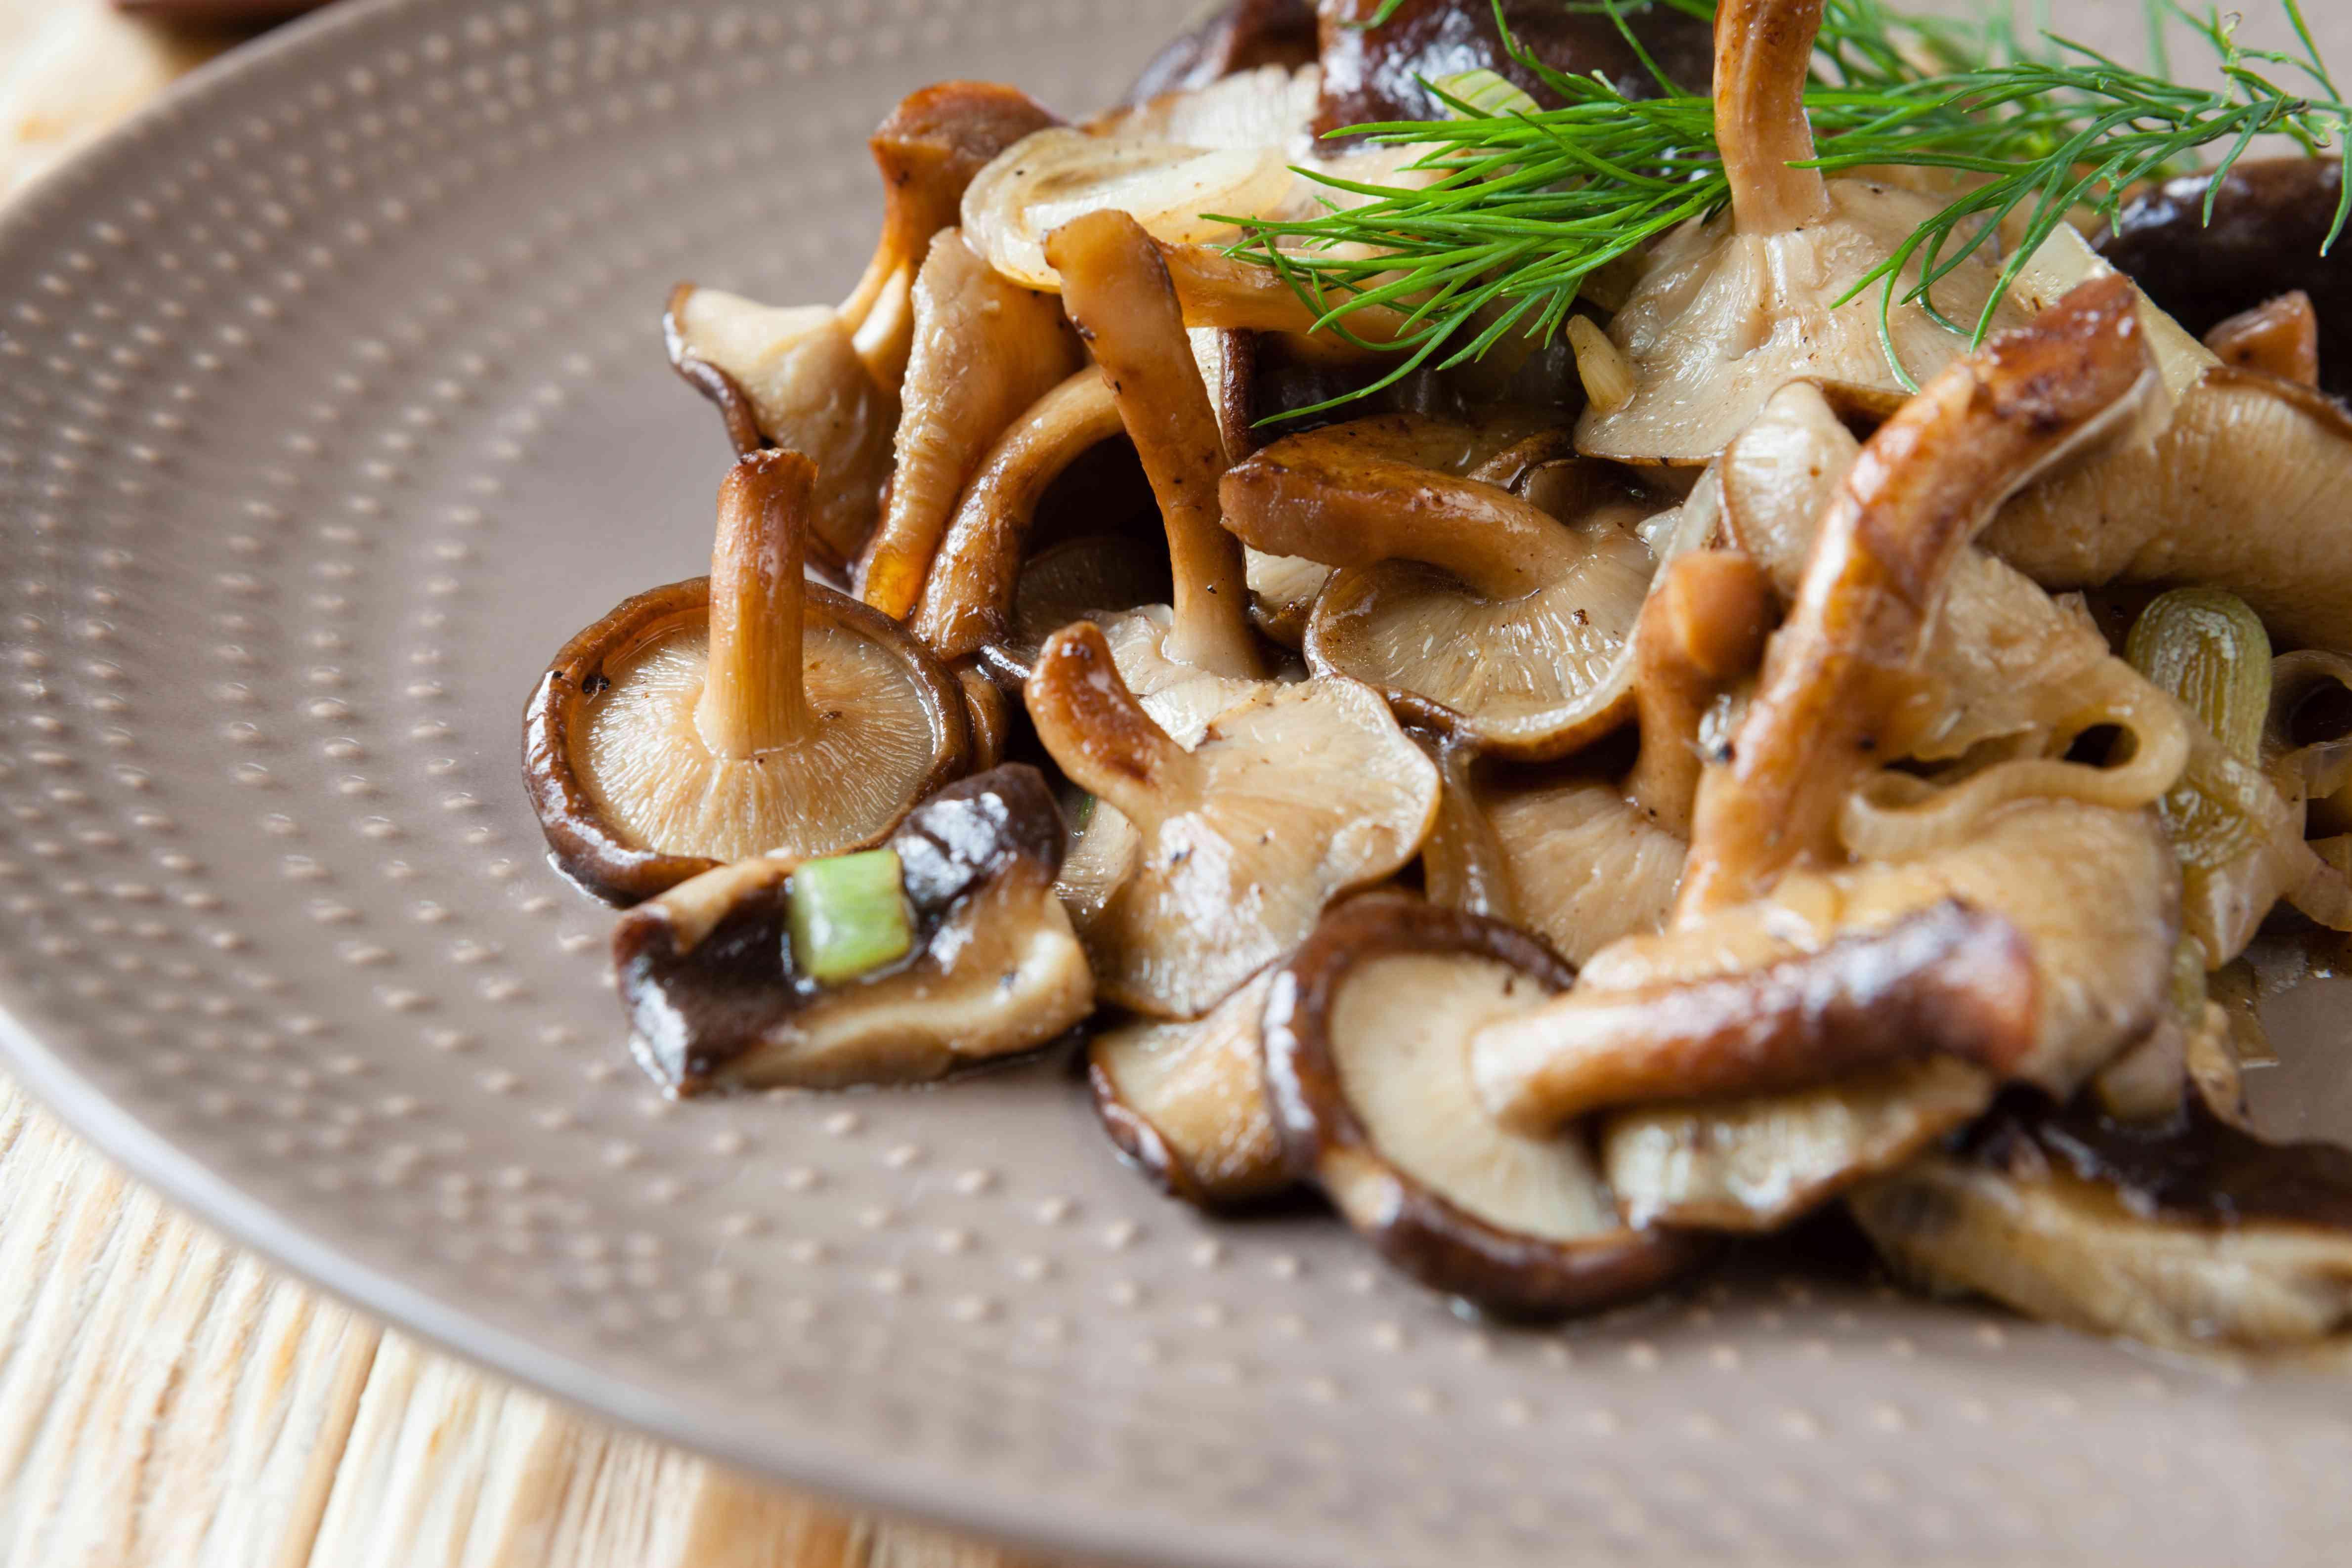 roasted shiitake mushrooms on a plate